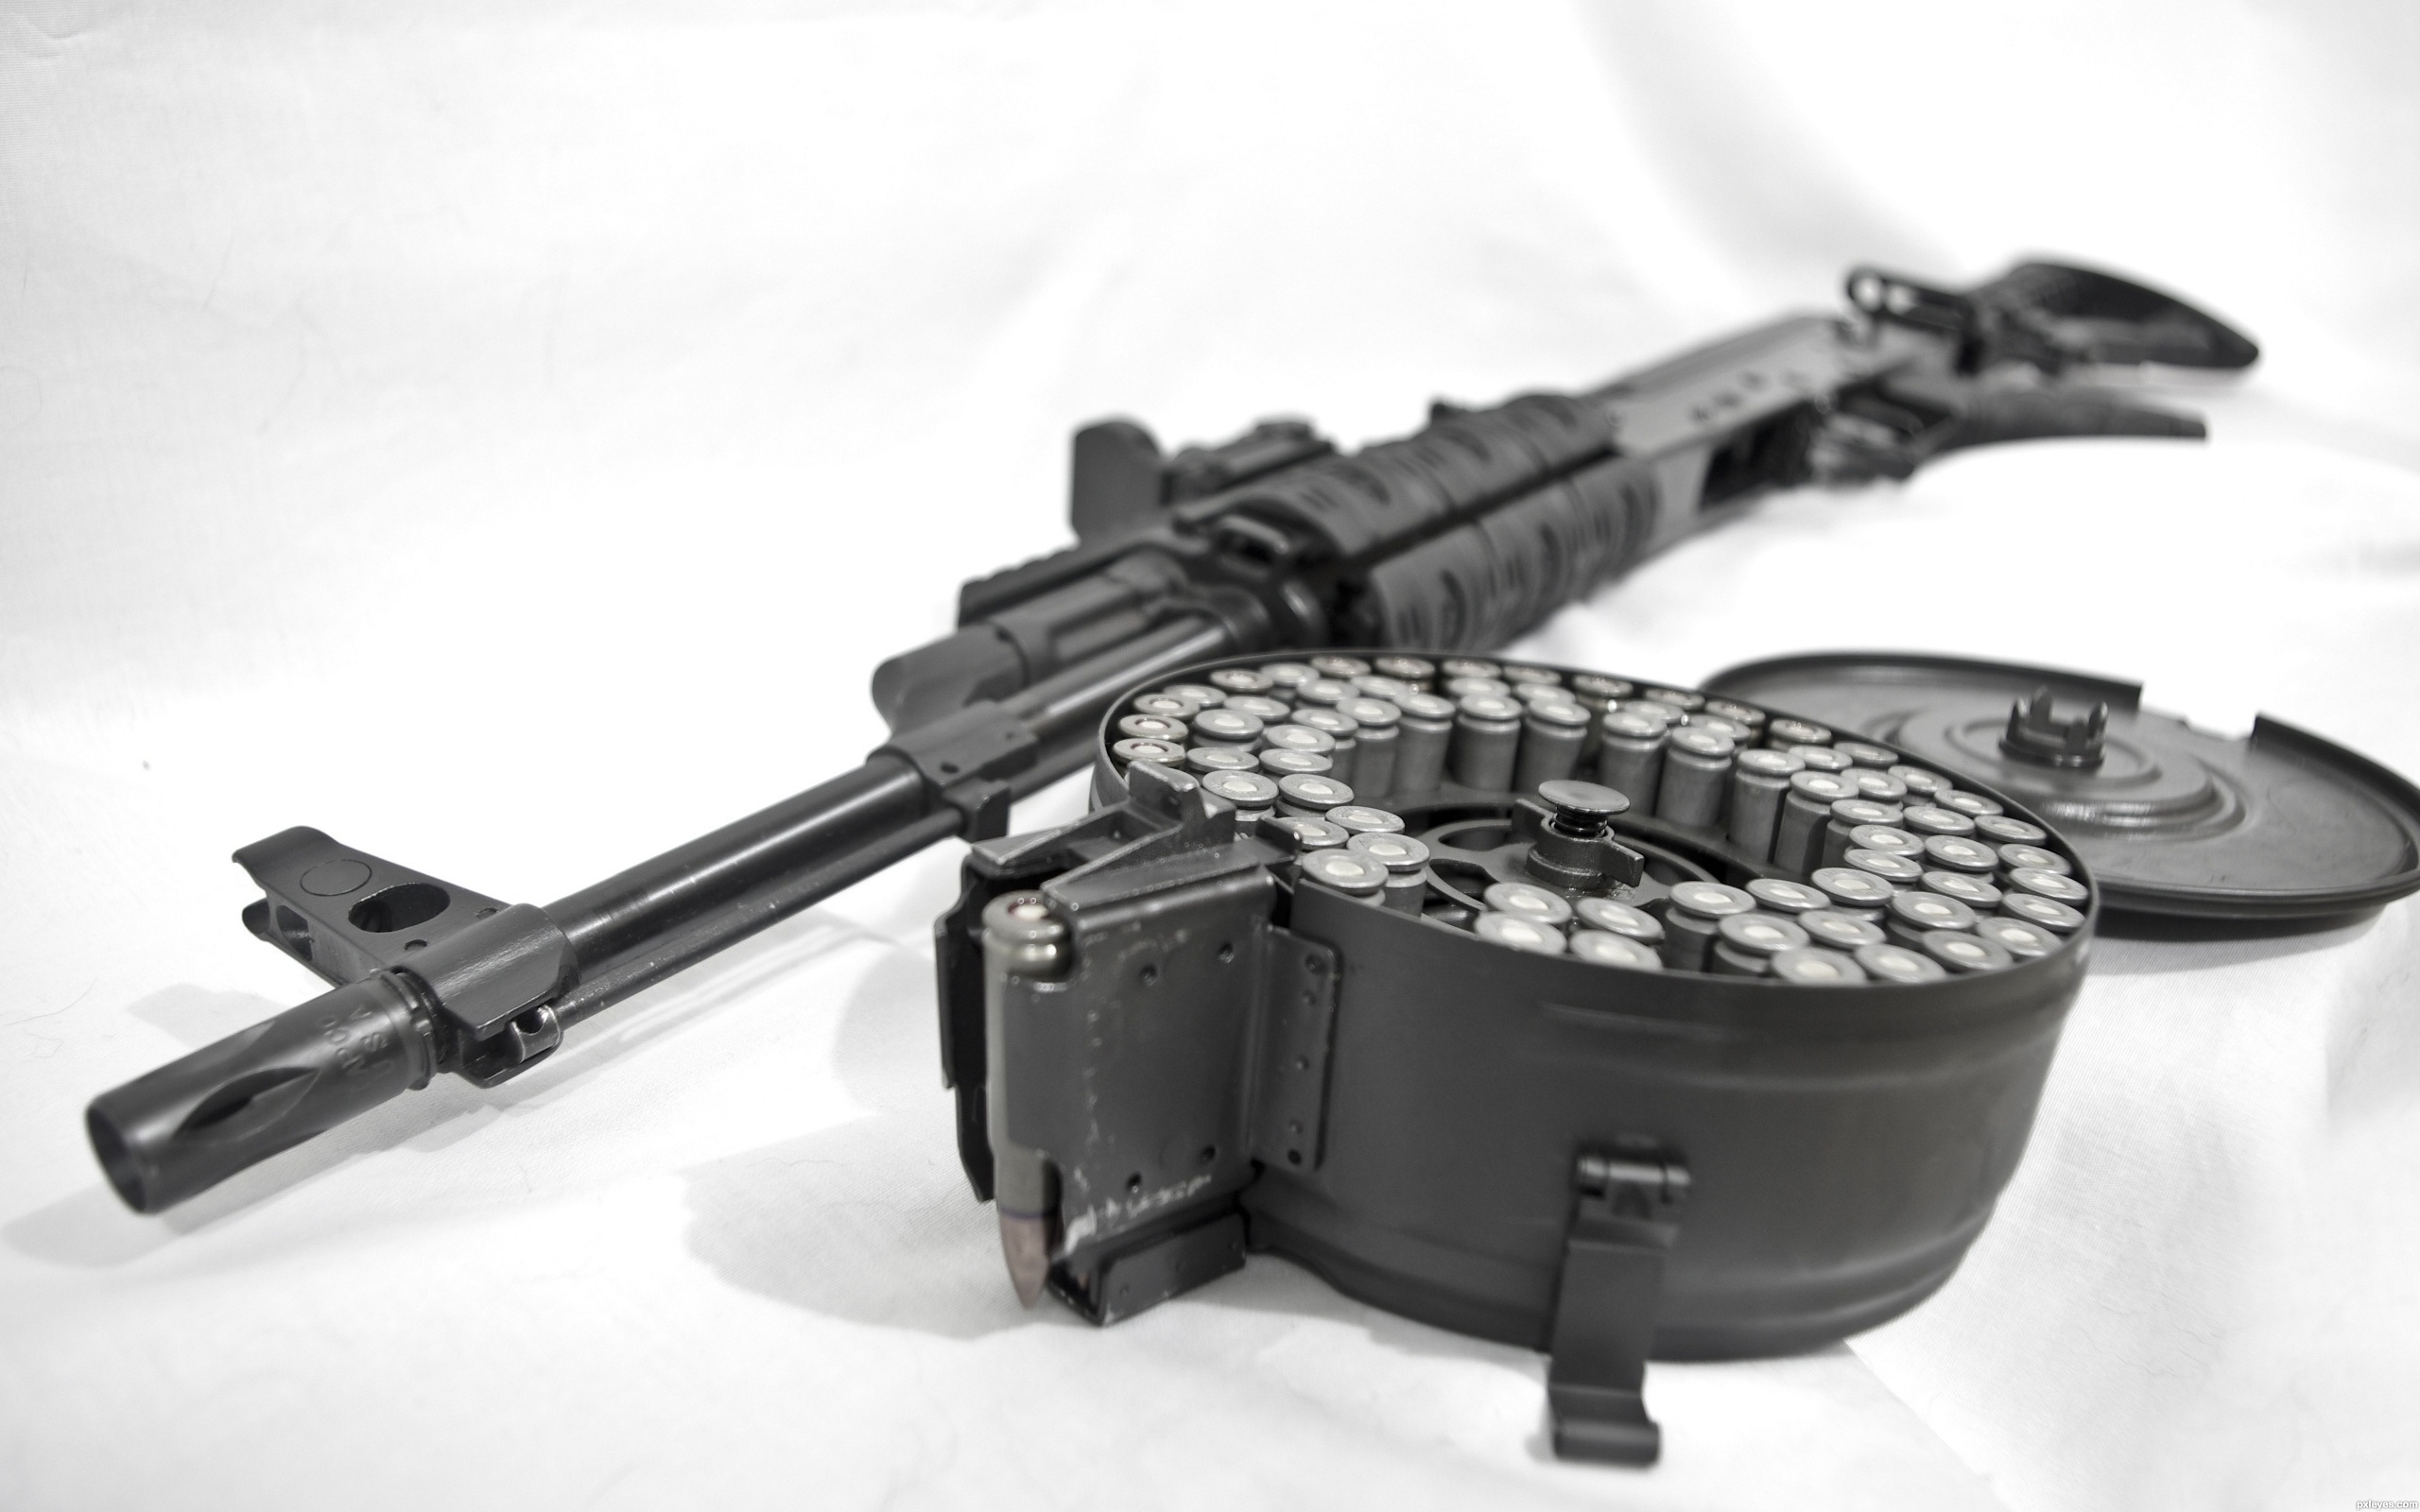 Weapons - Assault Rifle  Wallpaper